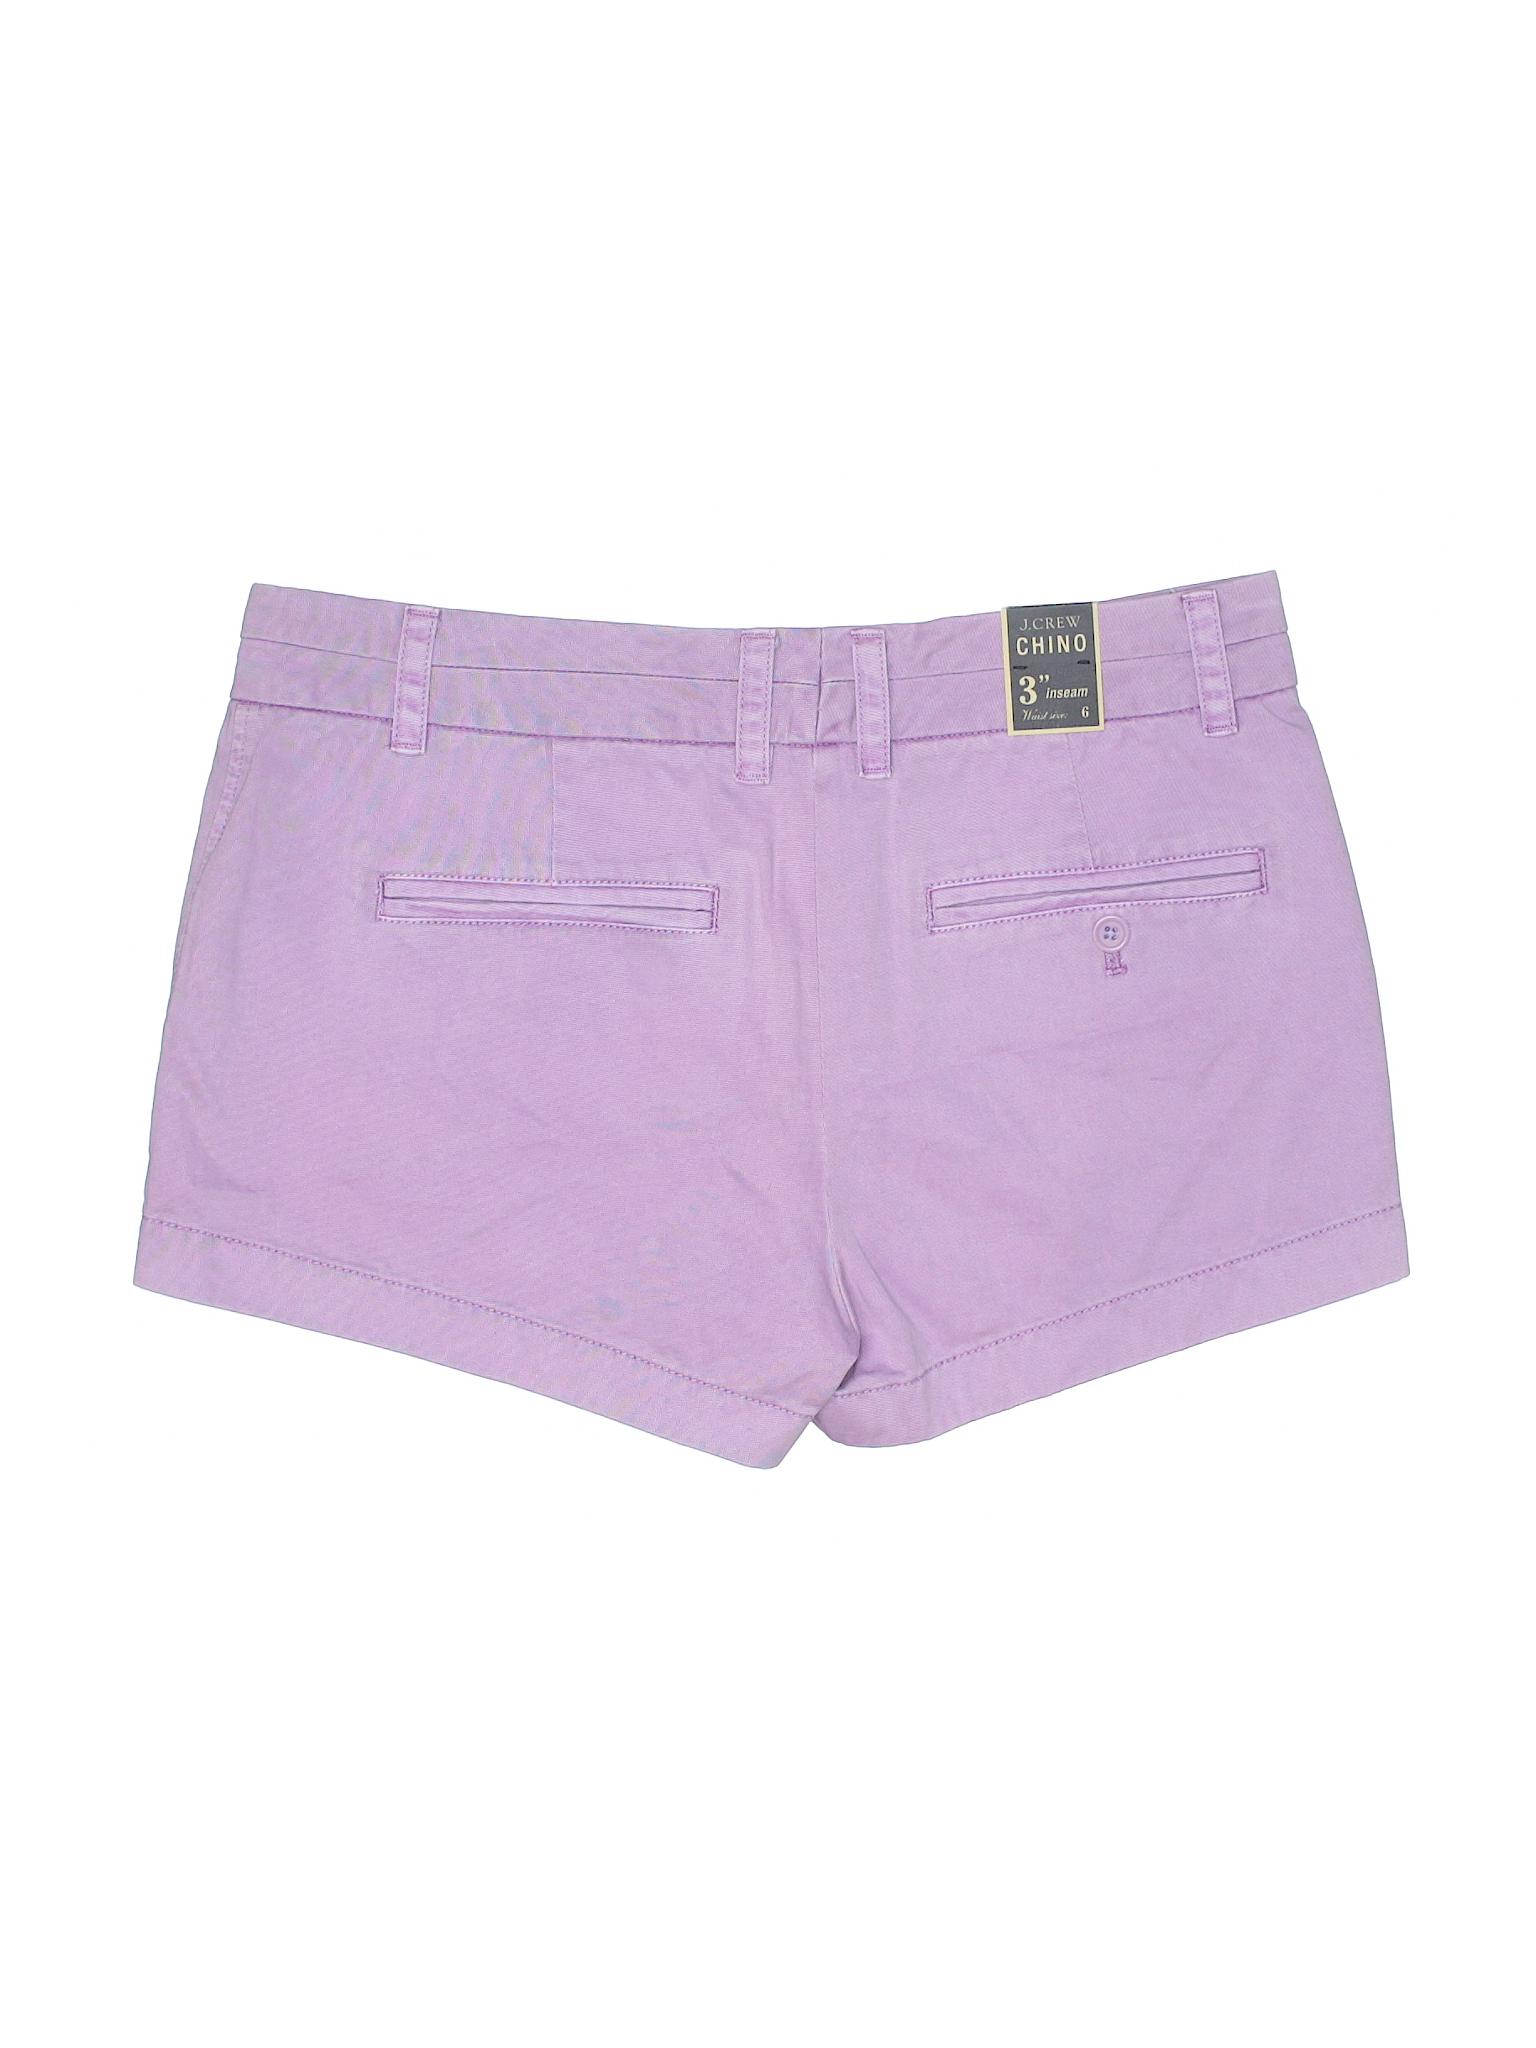 Boutique Shorts Crew J Boutique Khaki J Oqwx65gW